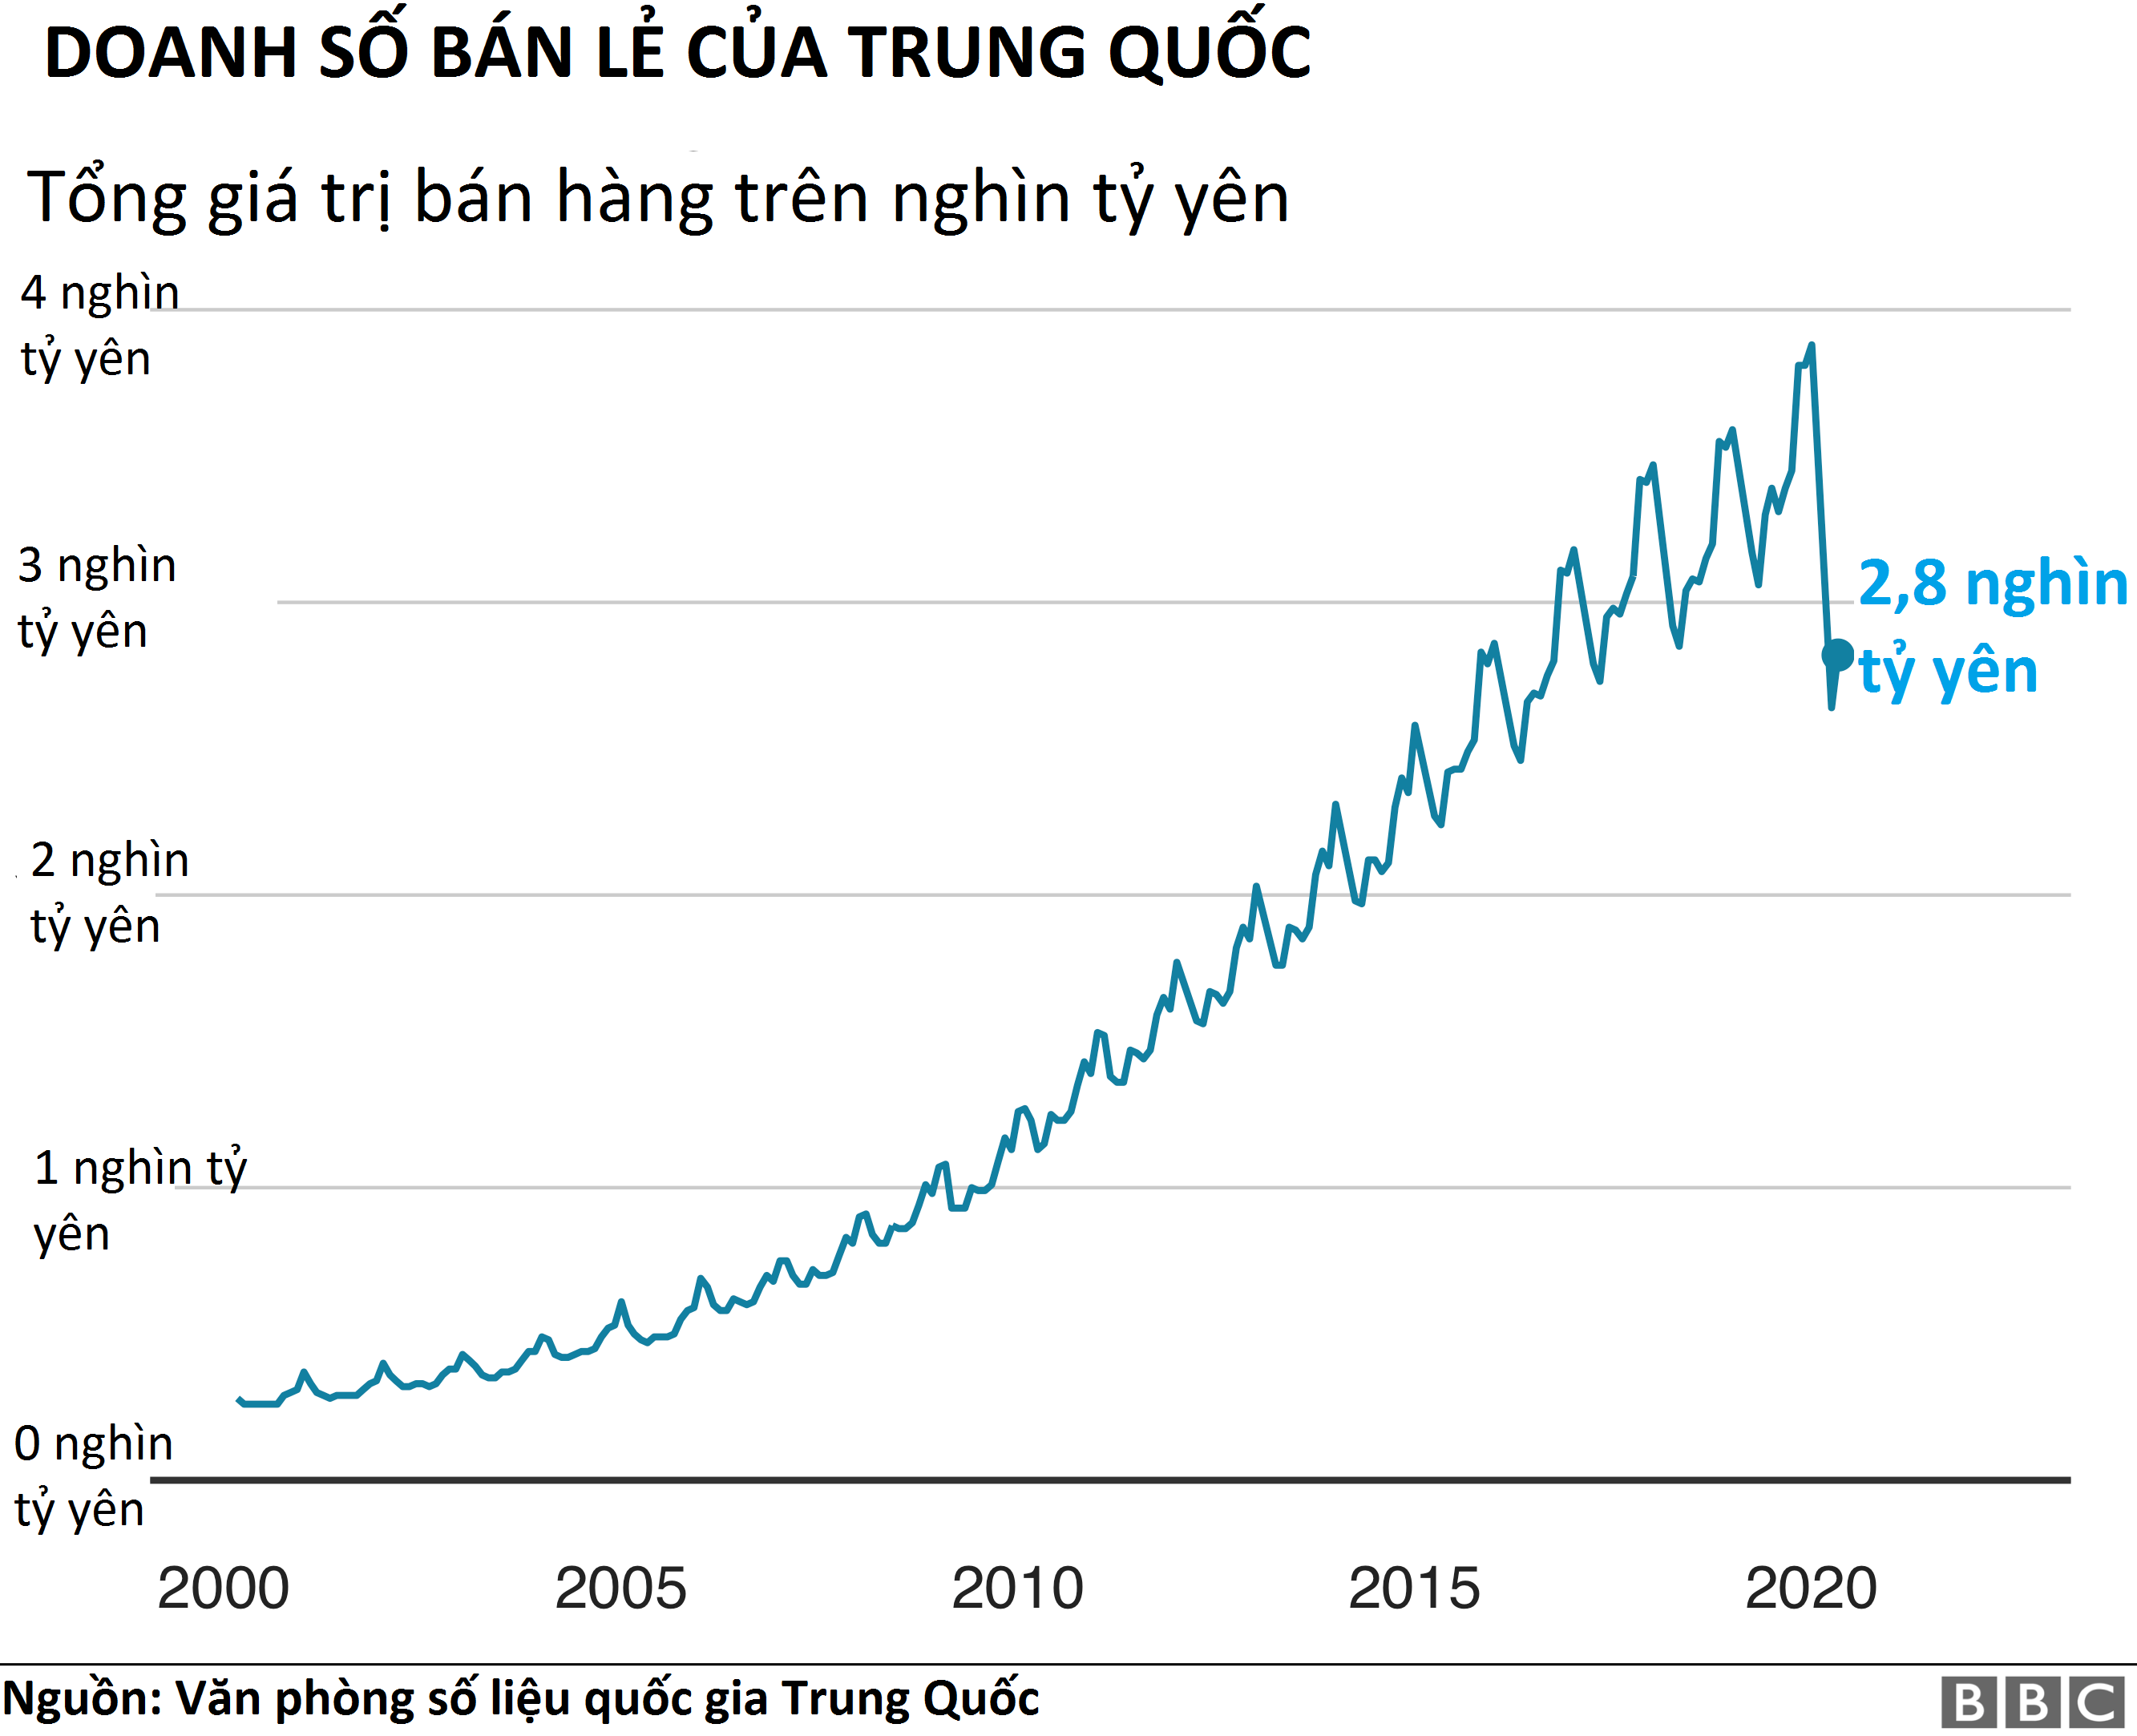 Doanh số bán lẻ của Trung Quốc